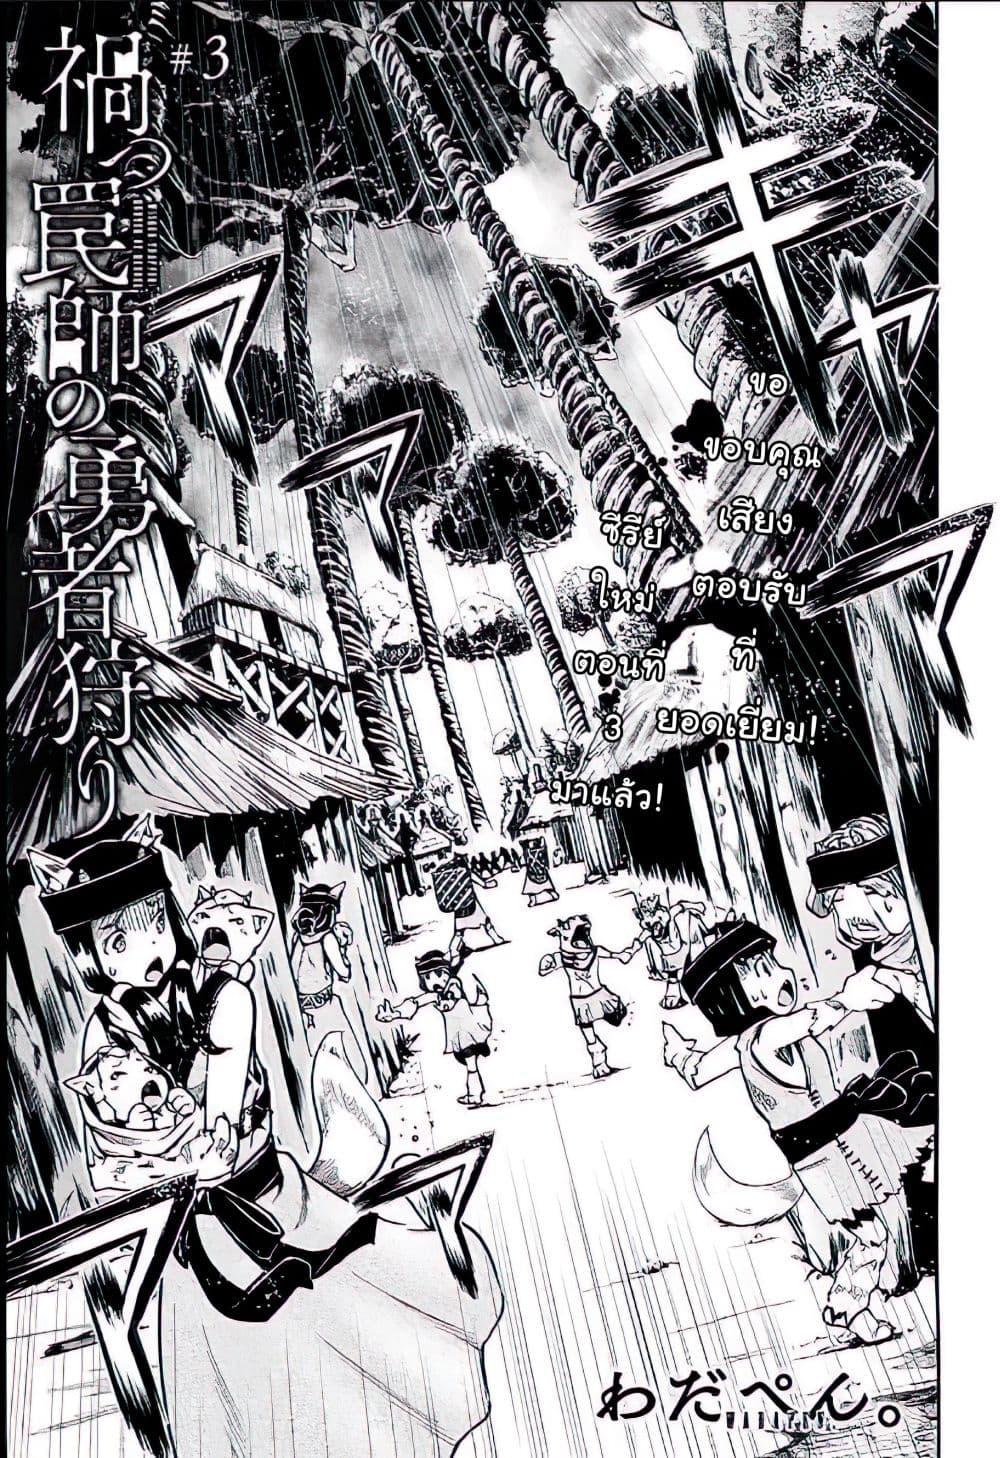 อ่านการ์ตูน Wazawaitsu Wanashi no Yuusha kari ตอนที่ 3 หน้าที่ 1